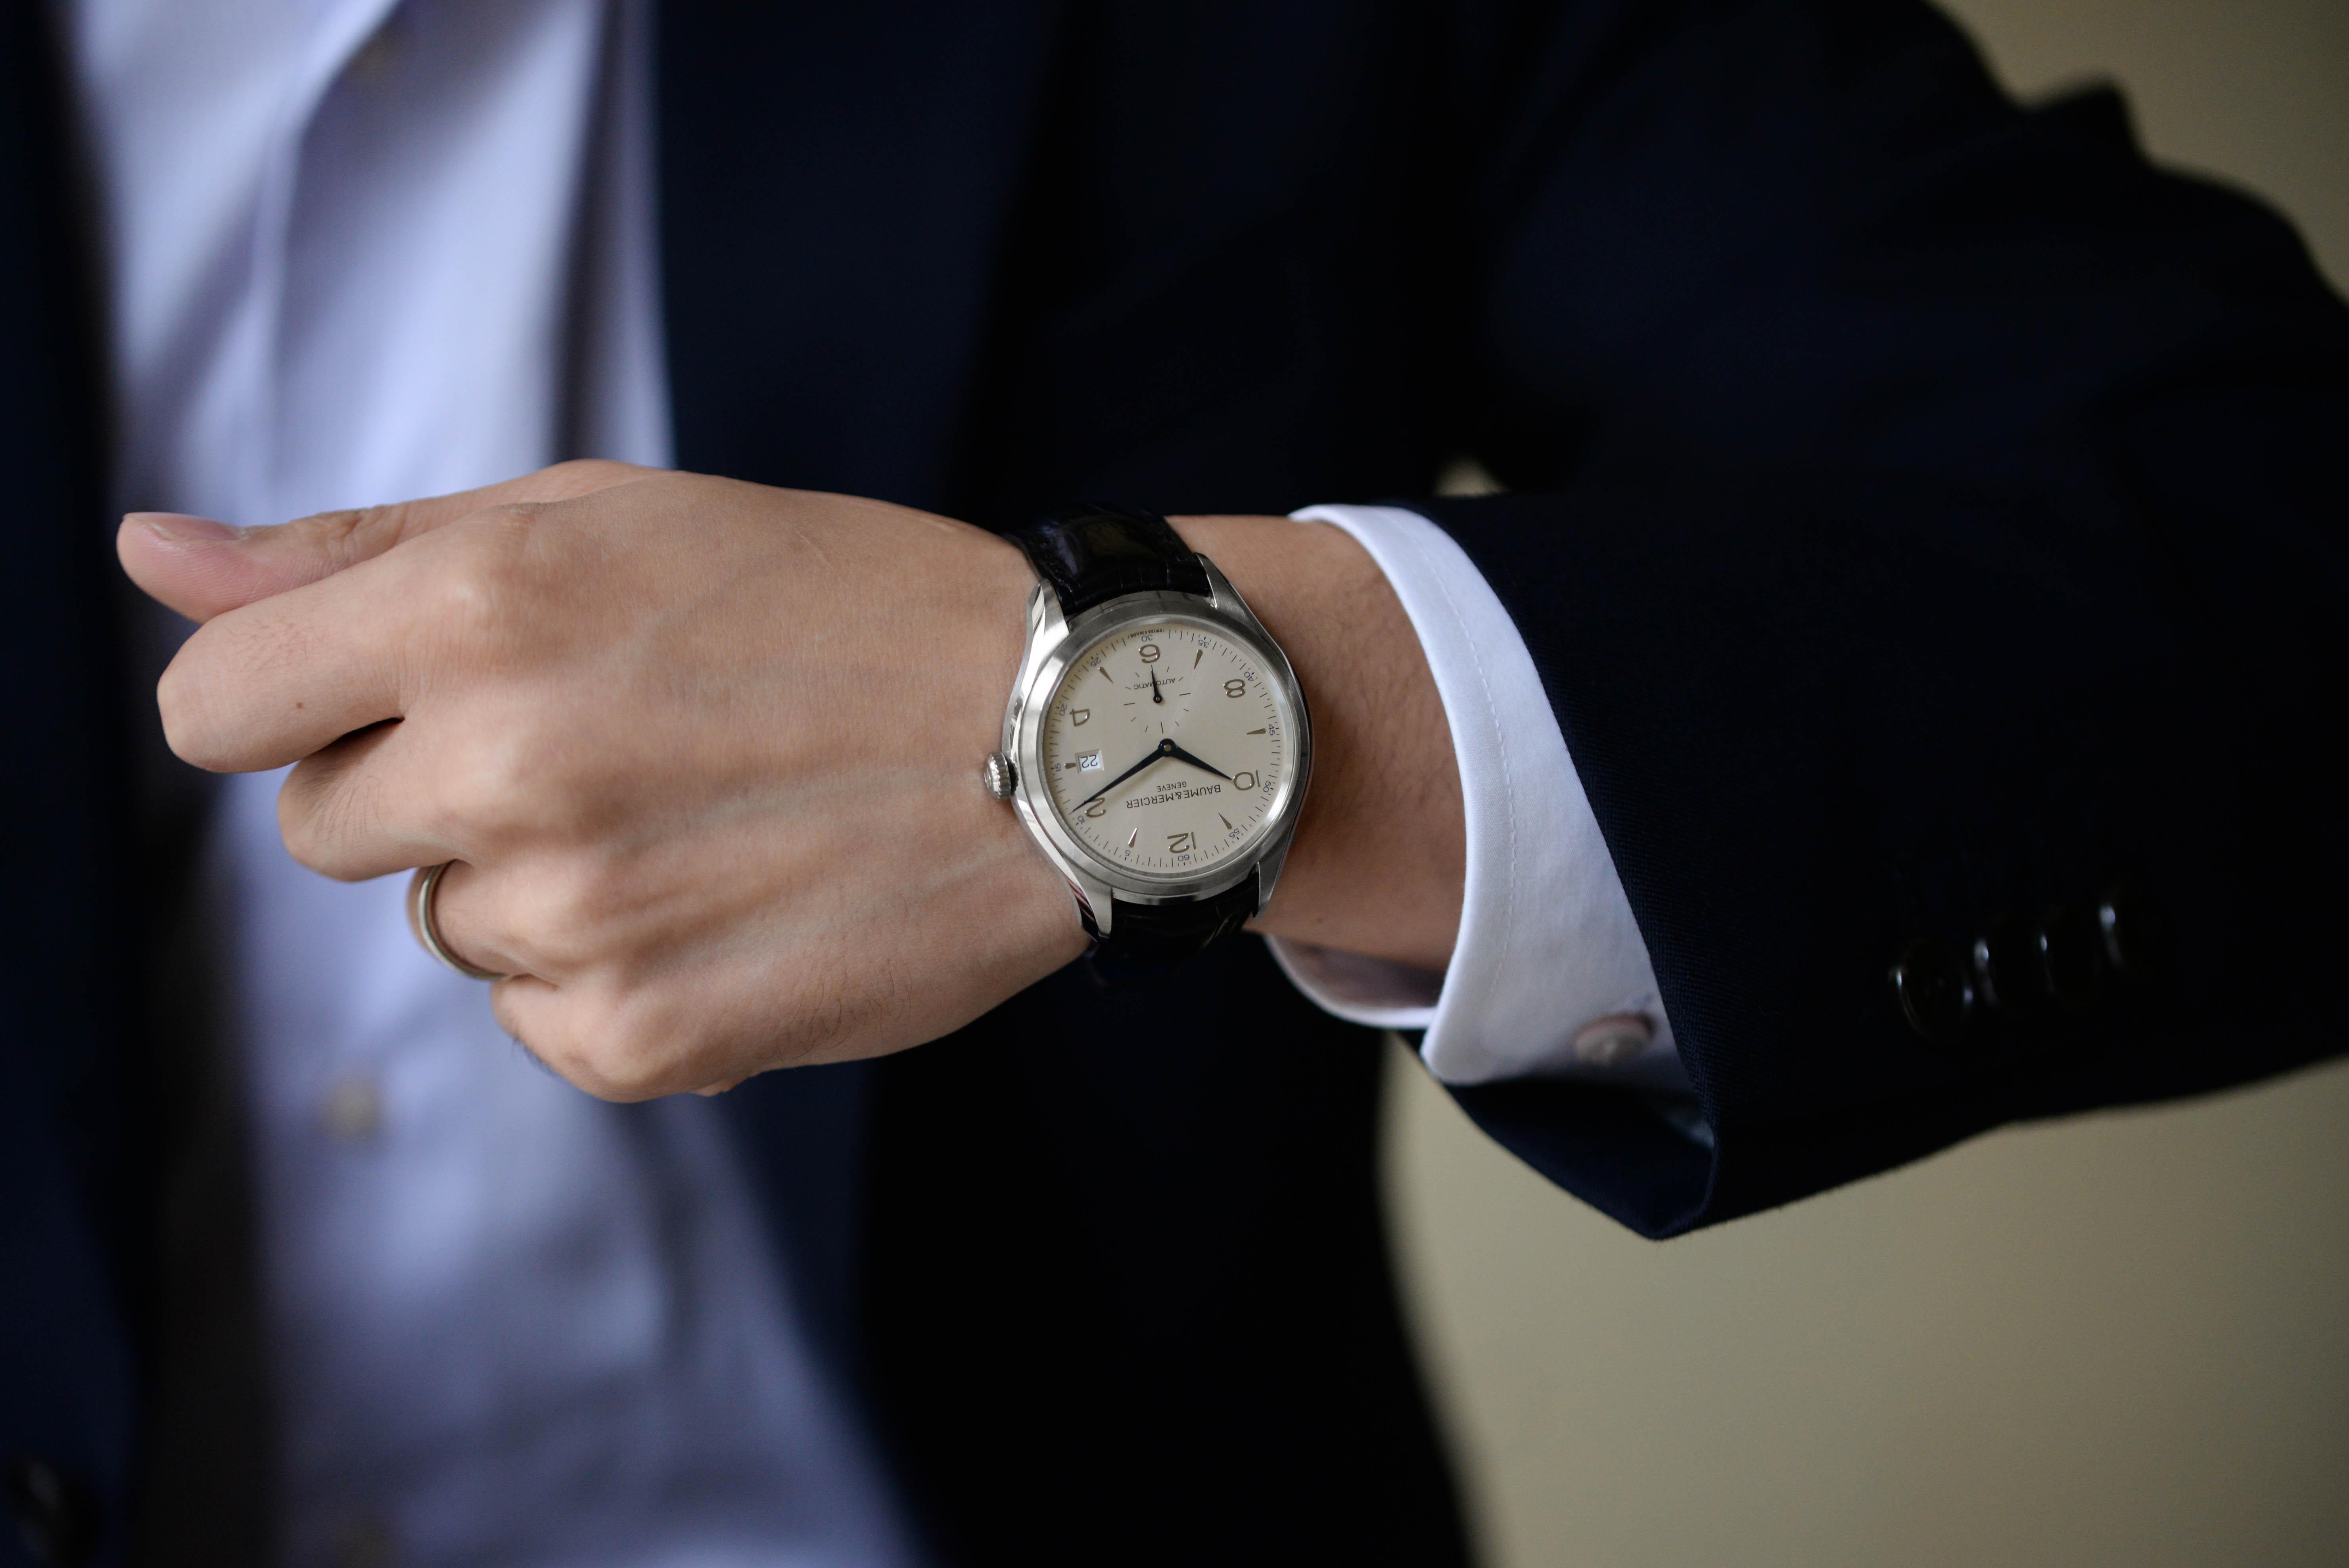 少し良い腕時計を買おうと思った